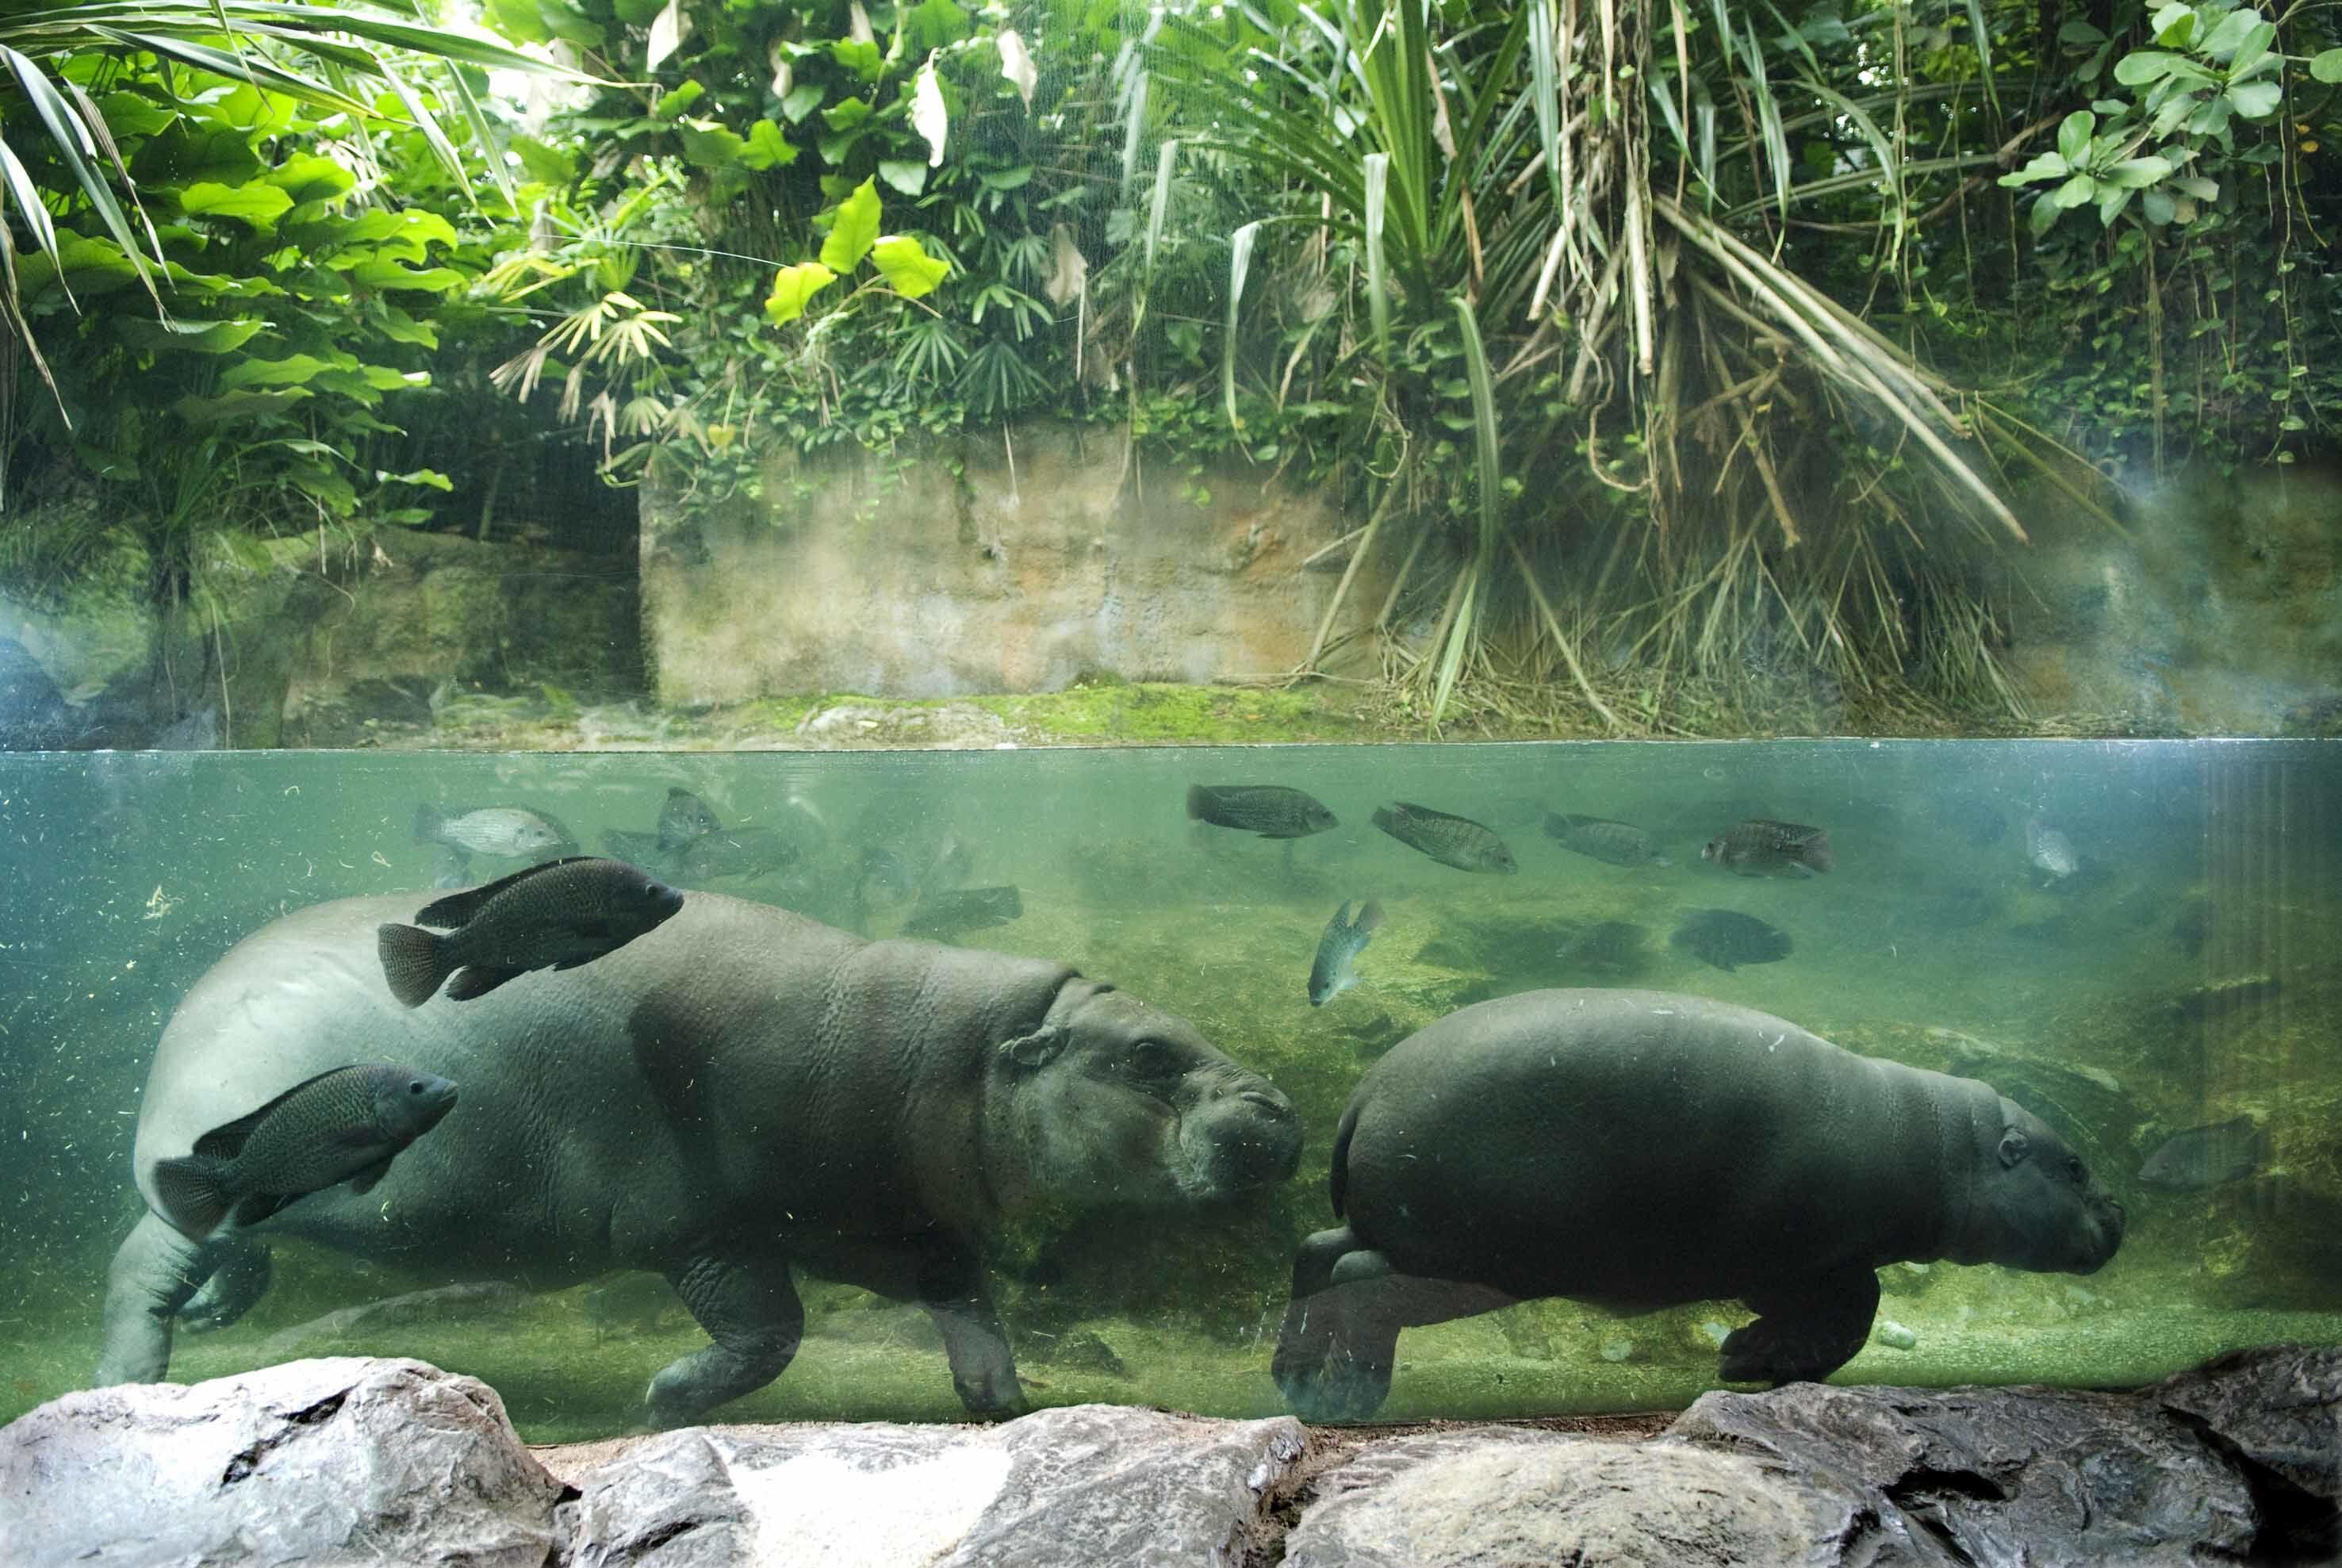 Hadirkan Wisata Malam di Tengah Hutan, Singapore Zoo Jadi Makin Seru!